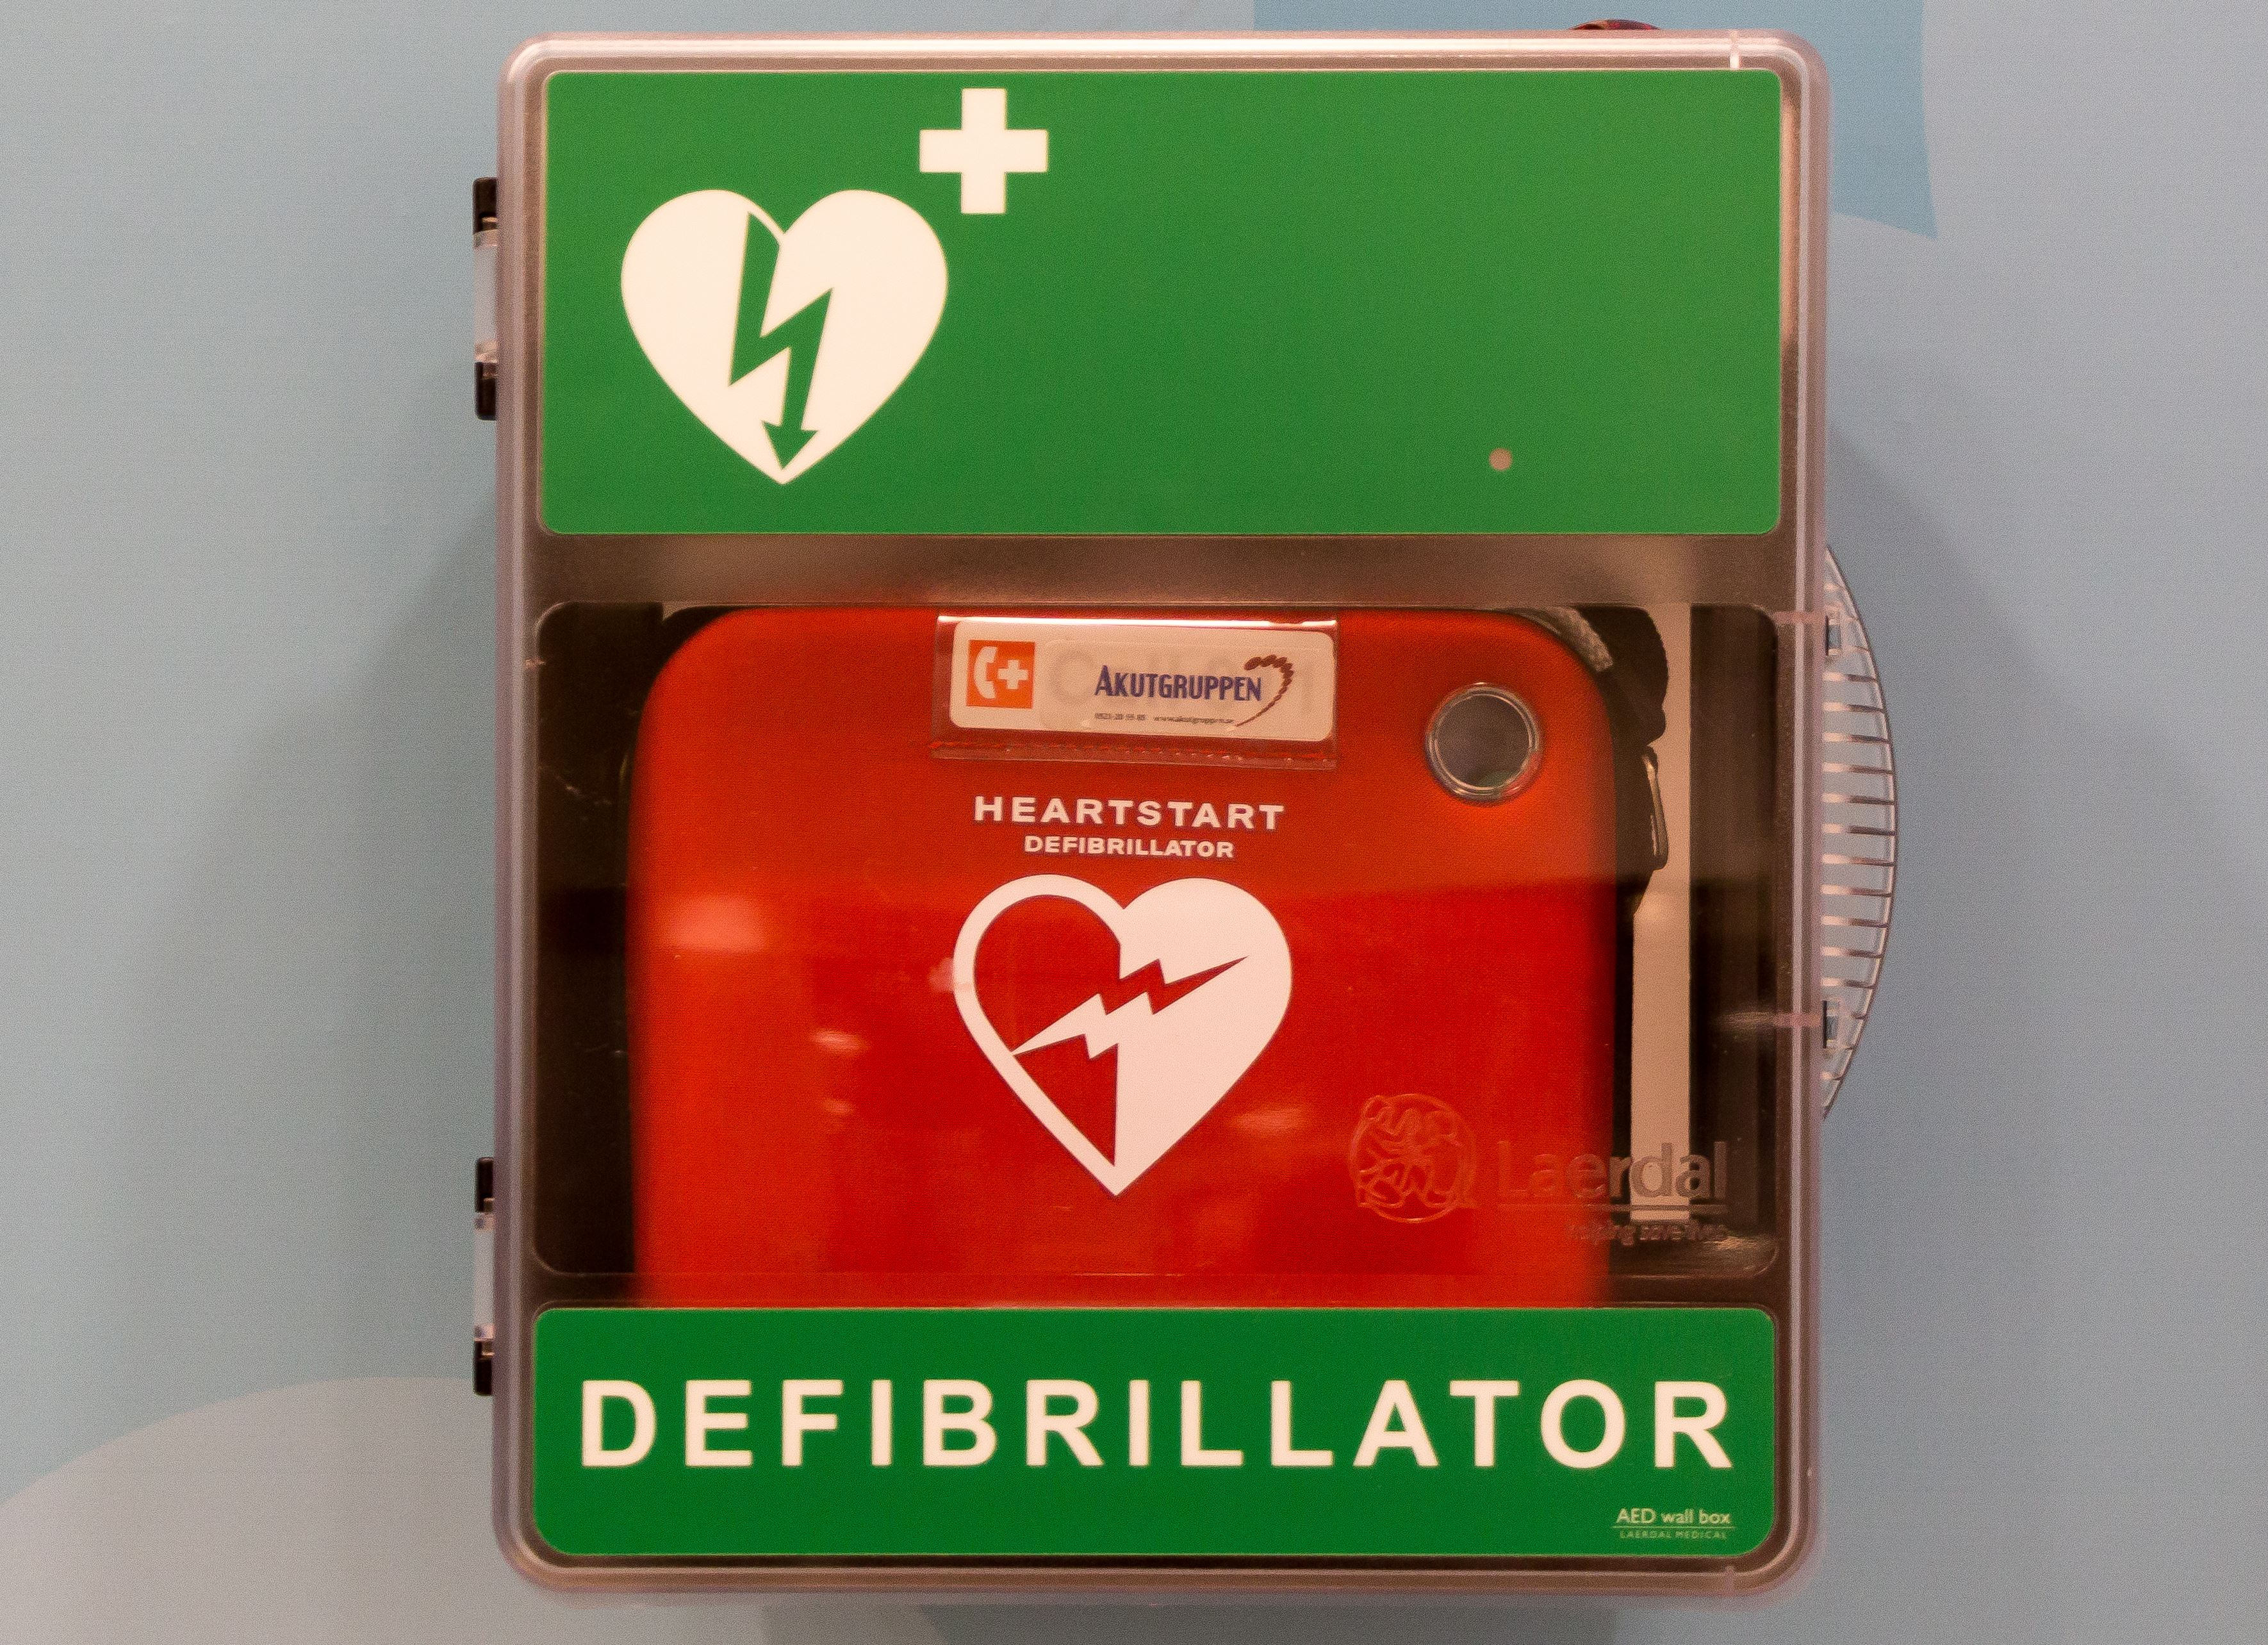 Hjärt och lungräddning